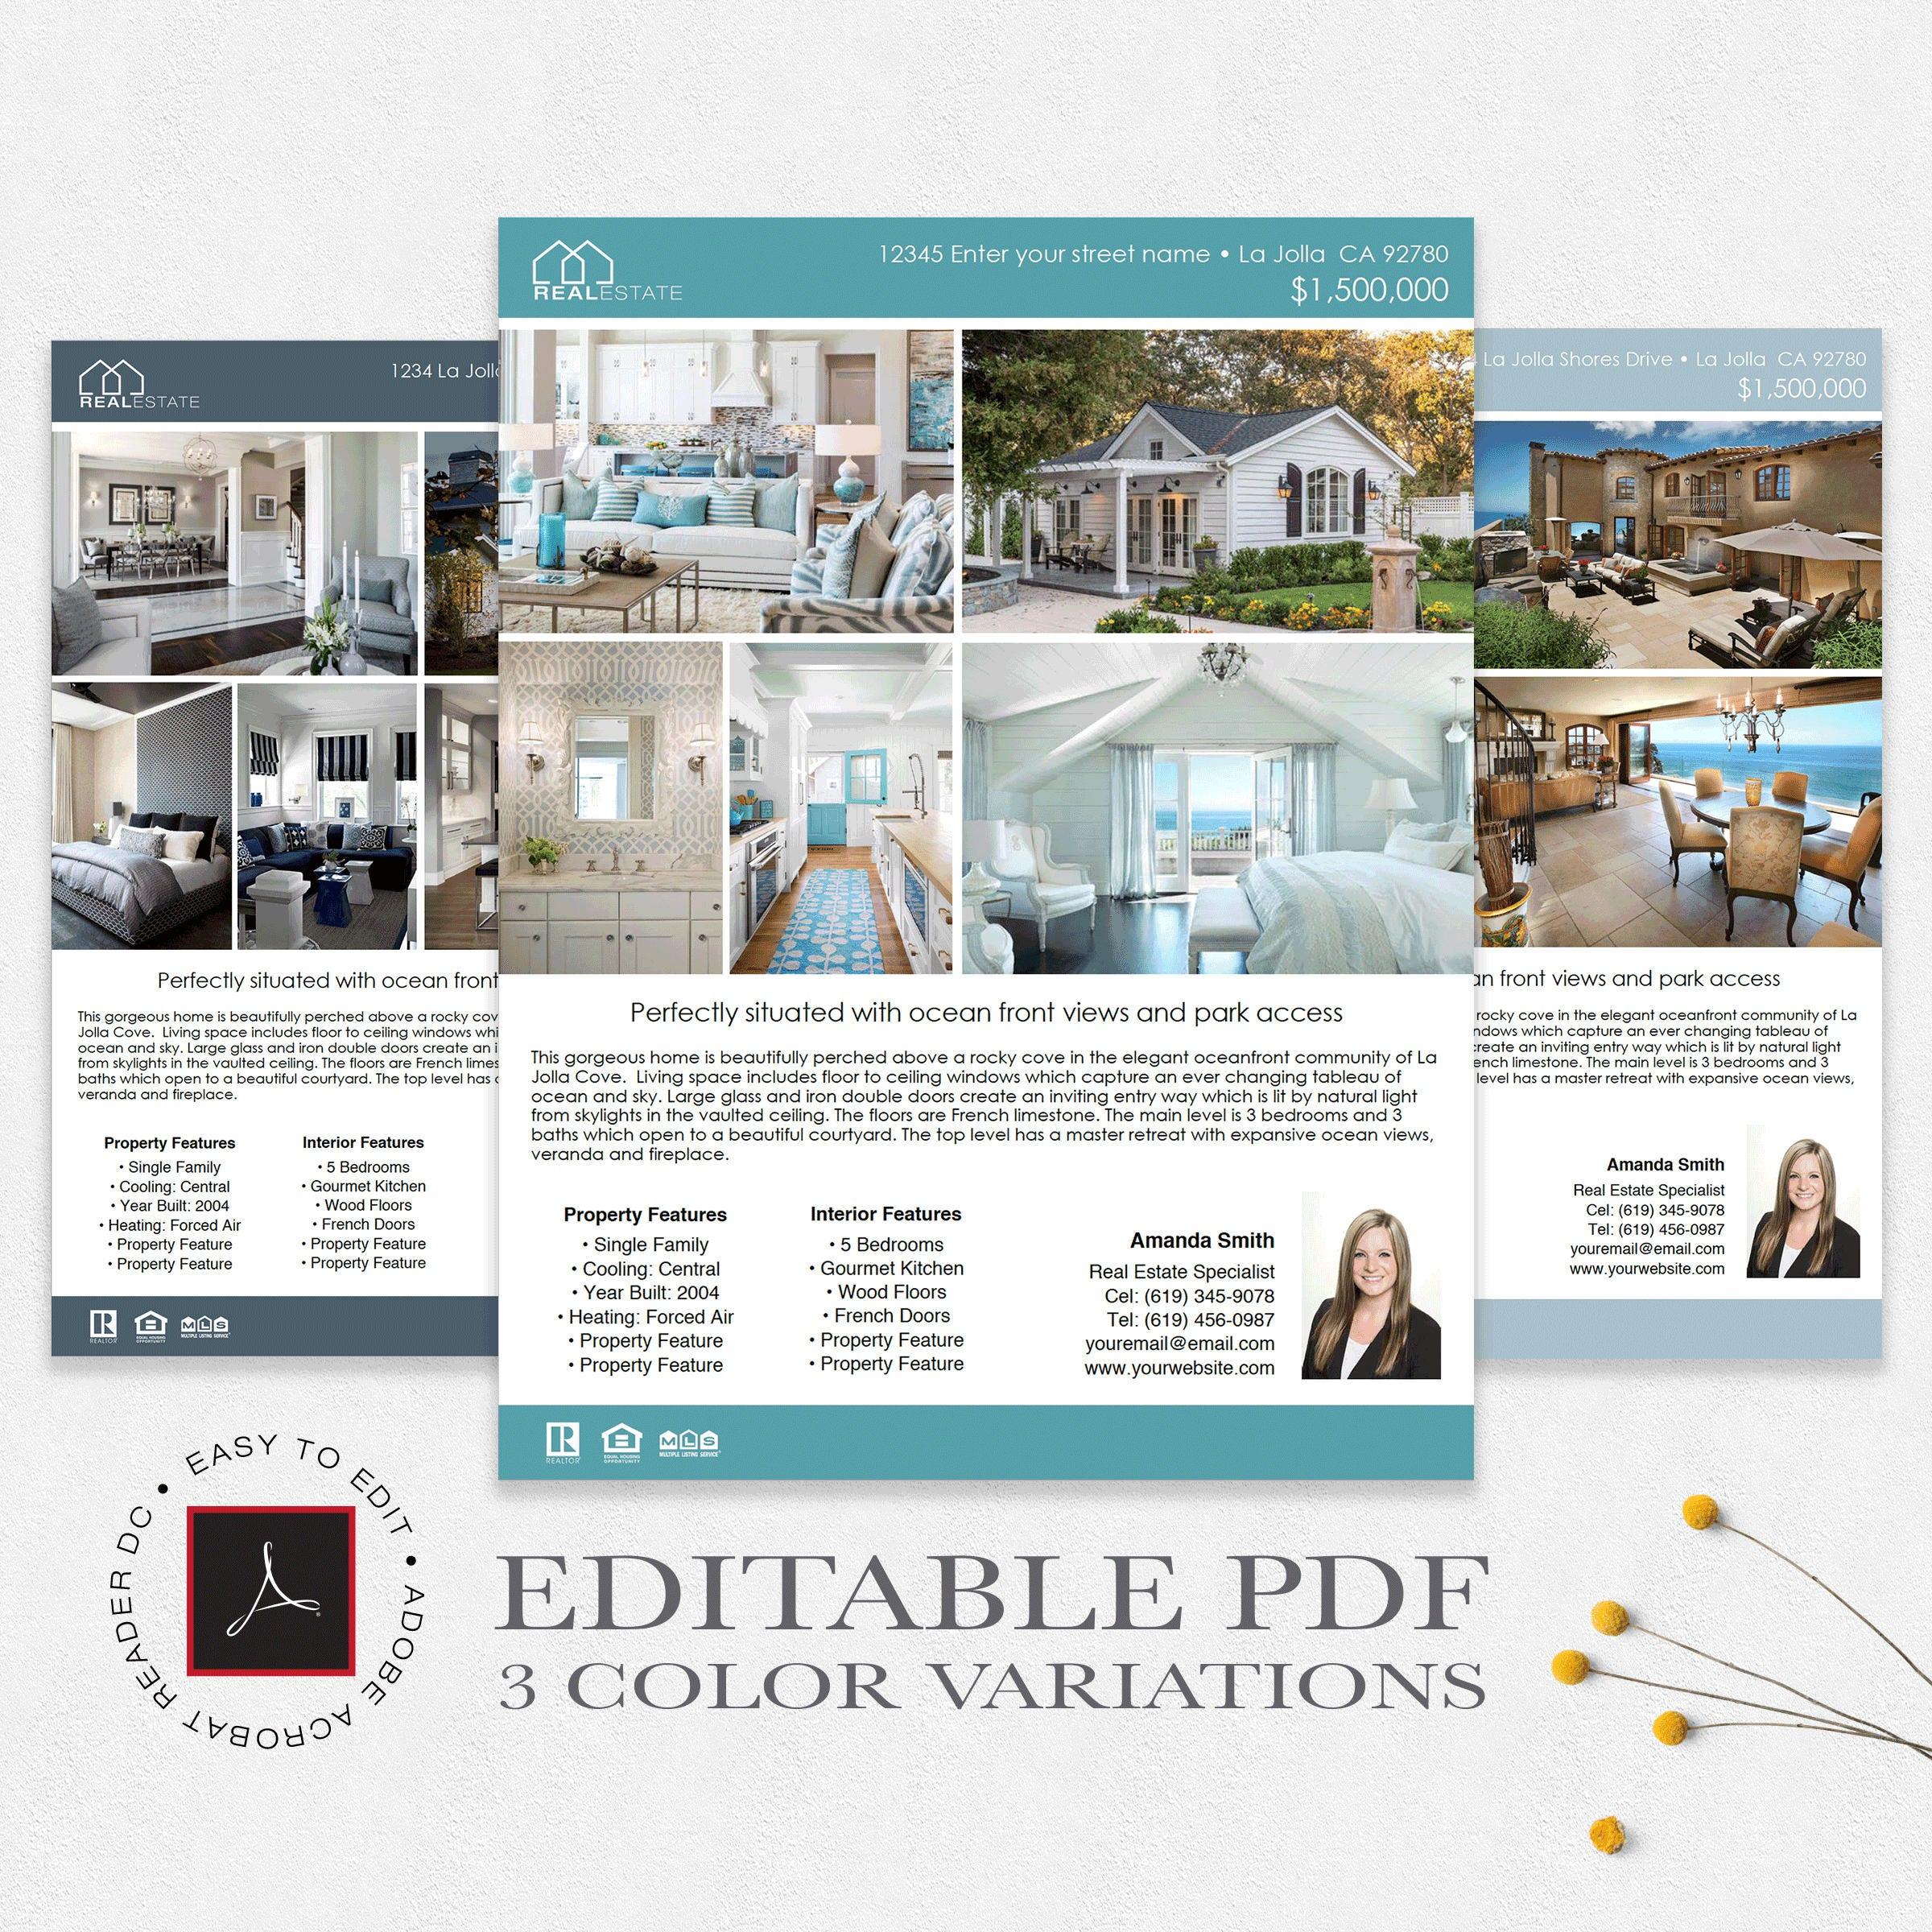 Real Estate Flyer Template | Editable PDF | 3 Color Variations | Real  Estate Flyer | PDF Adobe Acrobat DC *Instant Download*